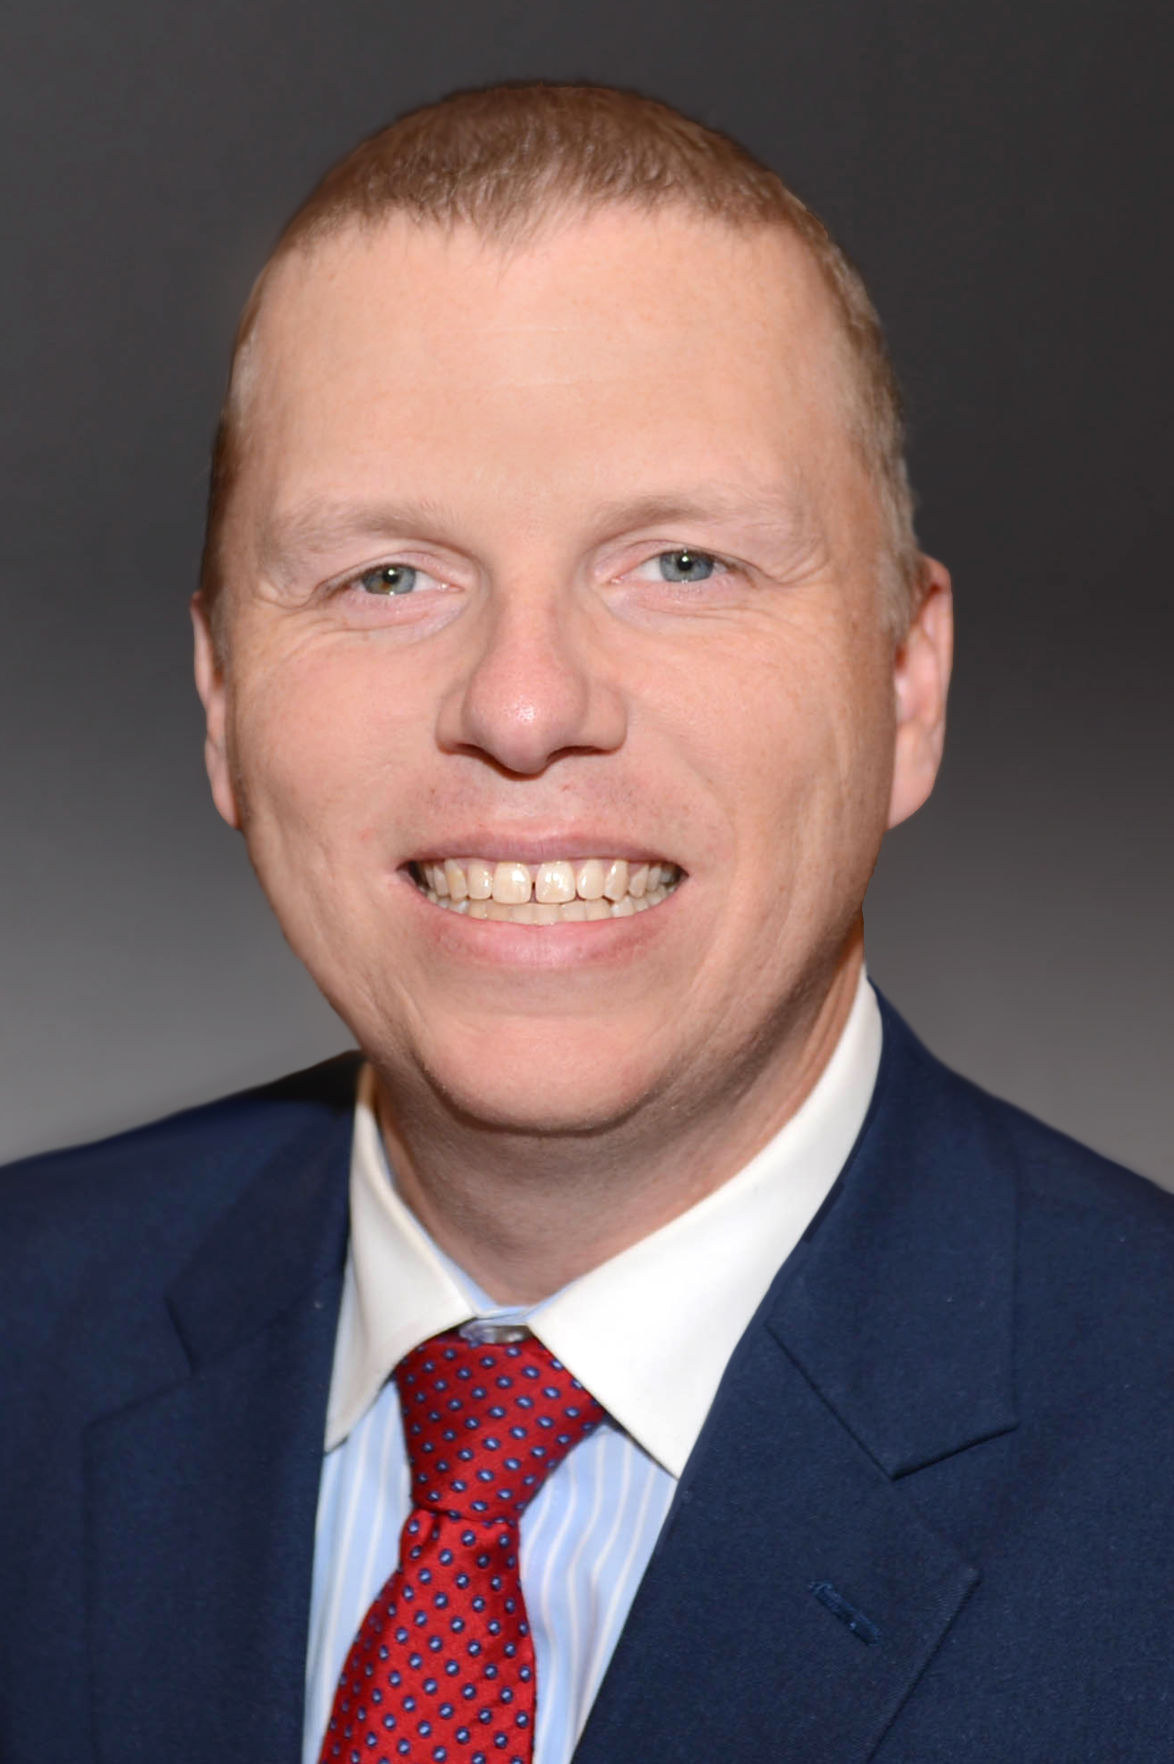 Joseph Gullett